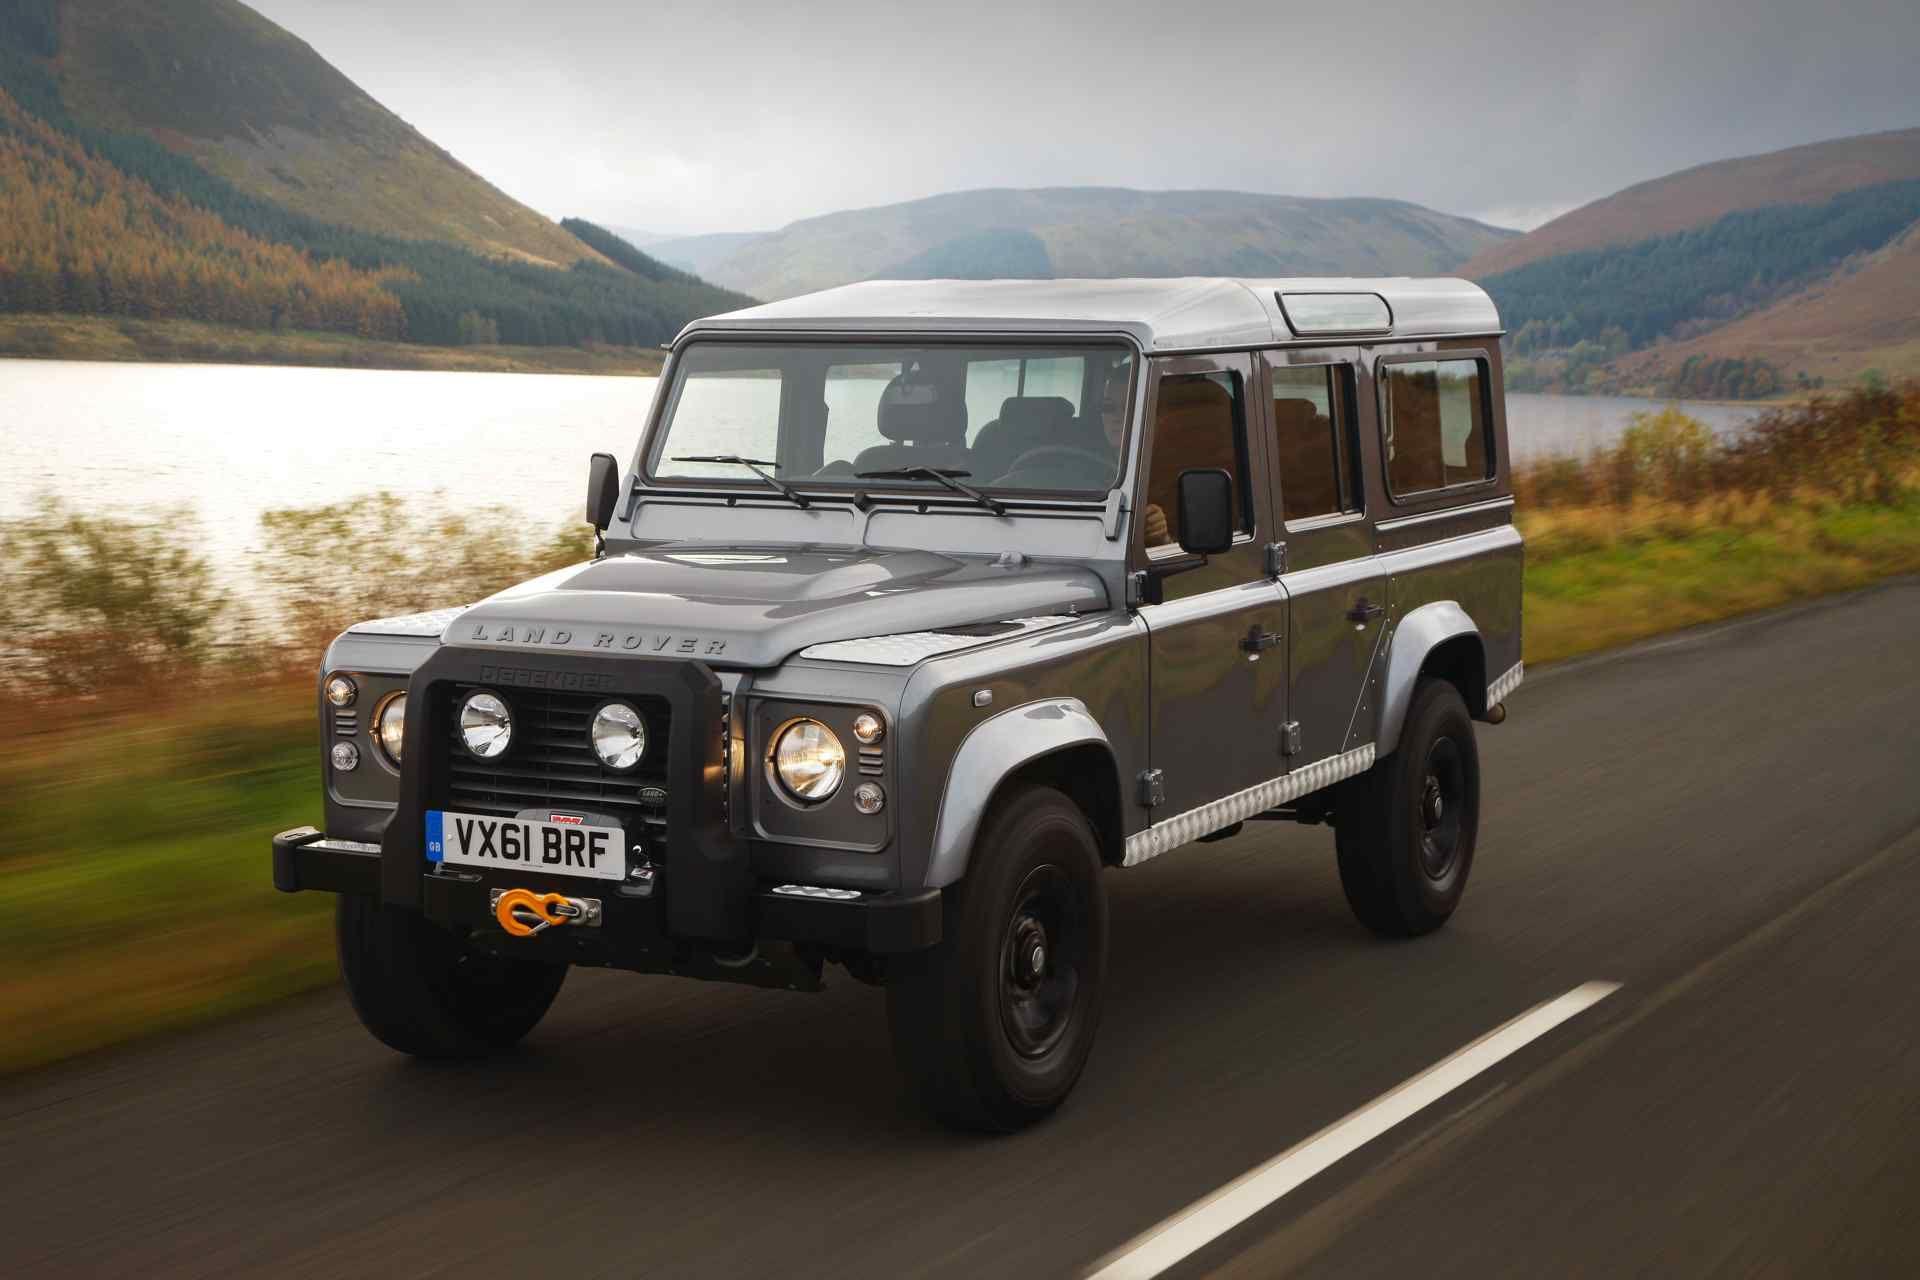 Land Rover Defender 68 Jahre Bauzeit Der Offroad Dino Geht In Rente Doch Die Lengende Lebt Land Rover Defender